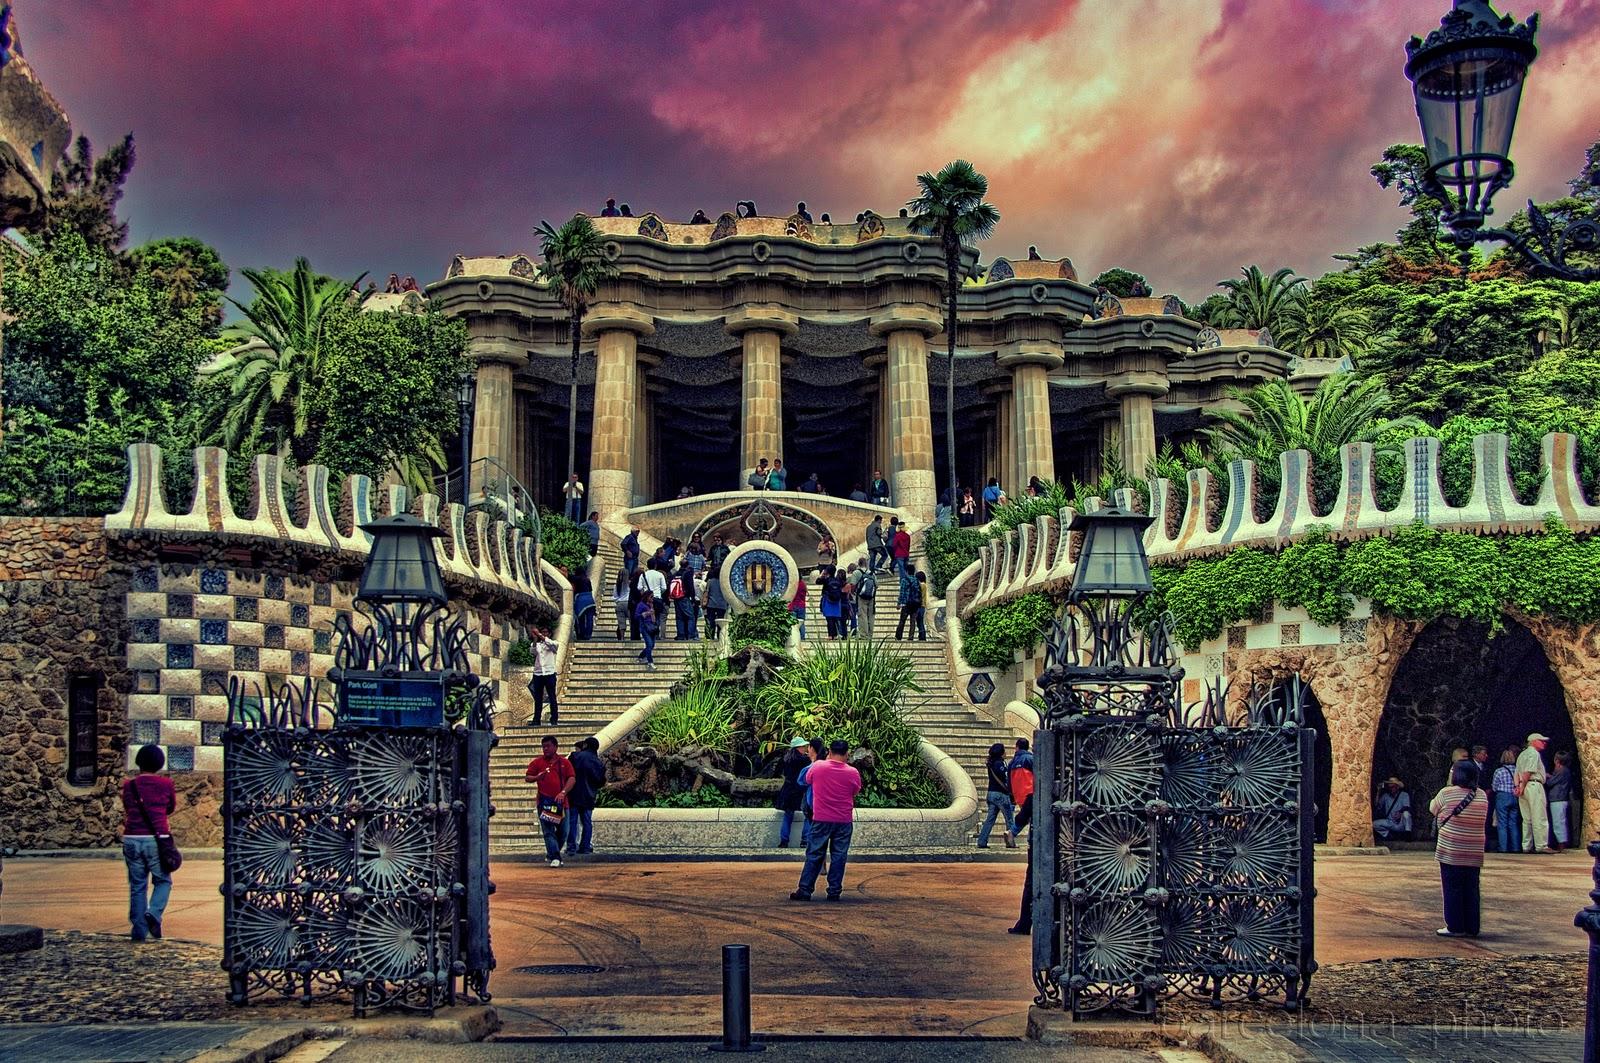 Meu pomar parque g ell barcelona espanha for Parques de barcelona